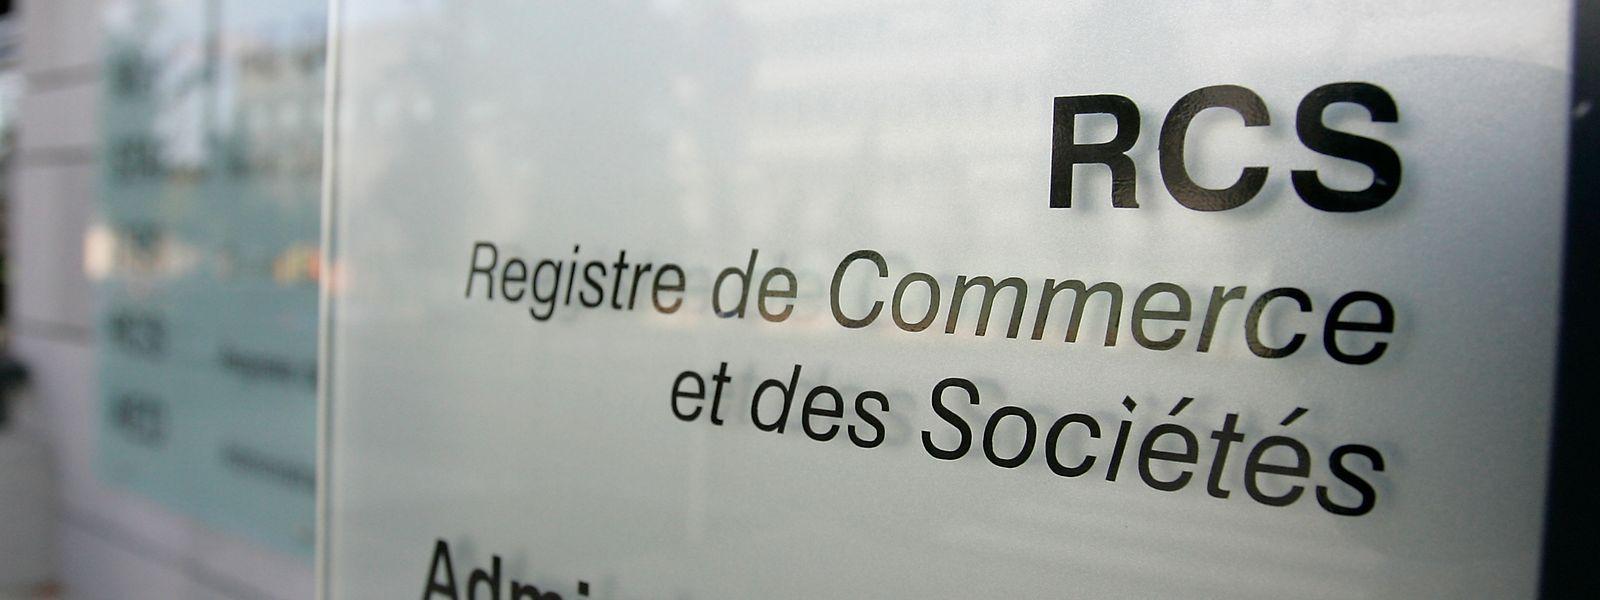 Signe que la transparence fait désormais partie de l'ADN financier luxembourgeois, l'accès aux données du RCS se fait «sans barrière, ni paiement, ni demande d'inscription», plaide Sam Tanson.